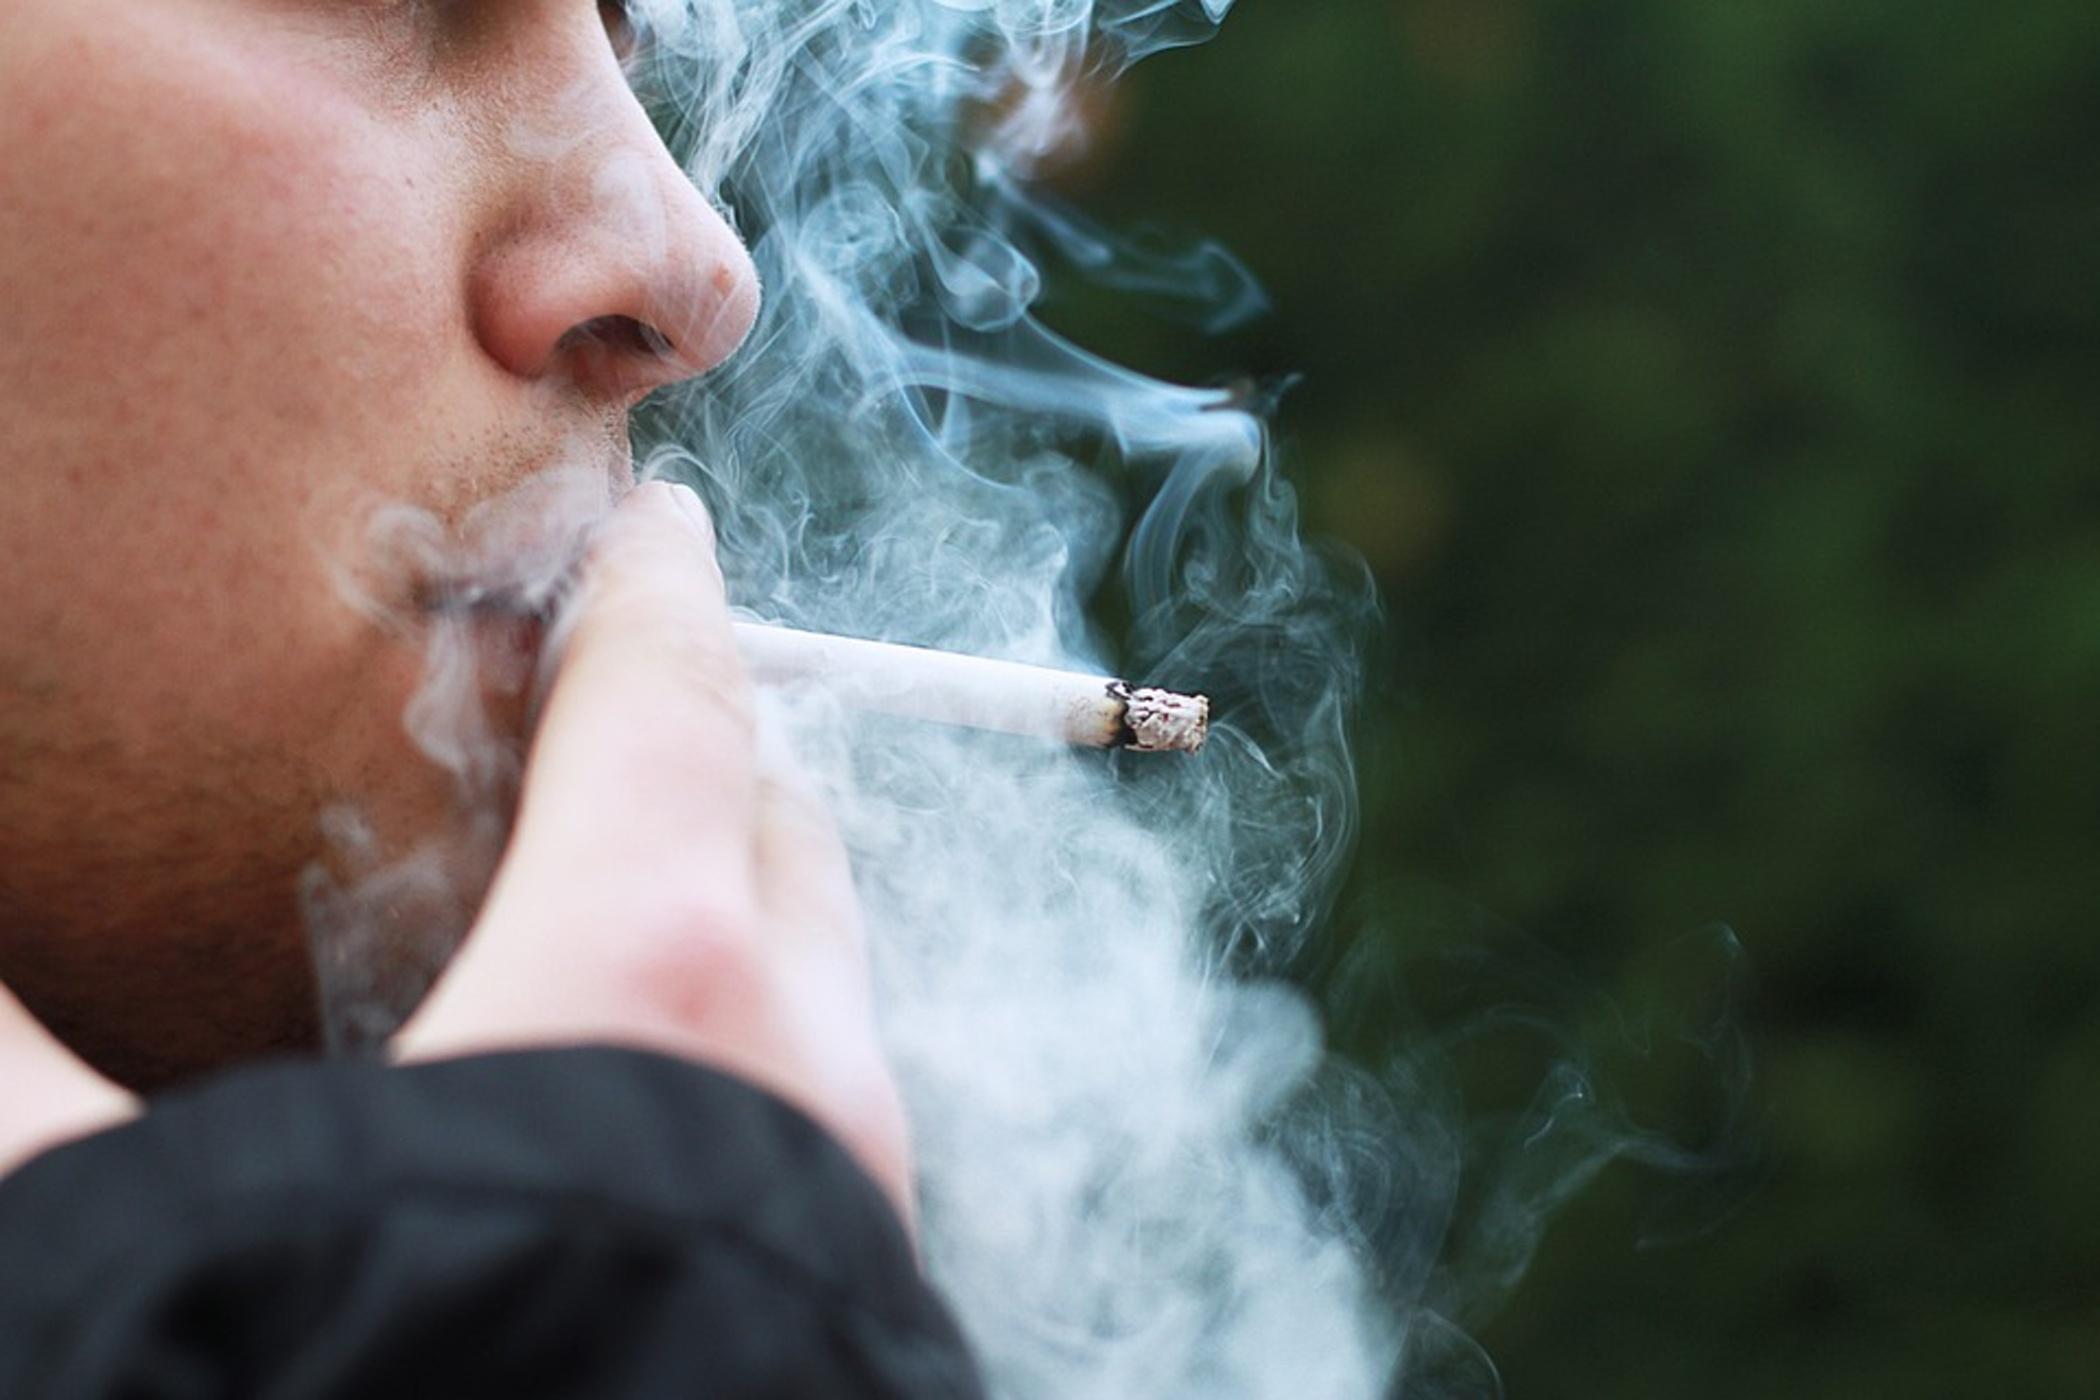 Peter severní kouření